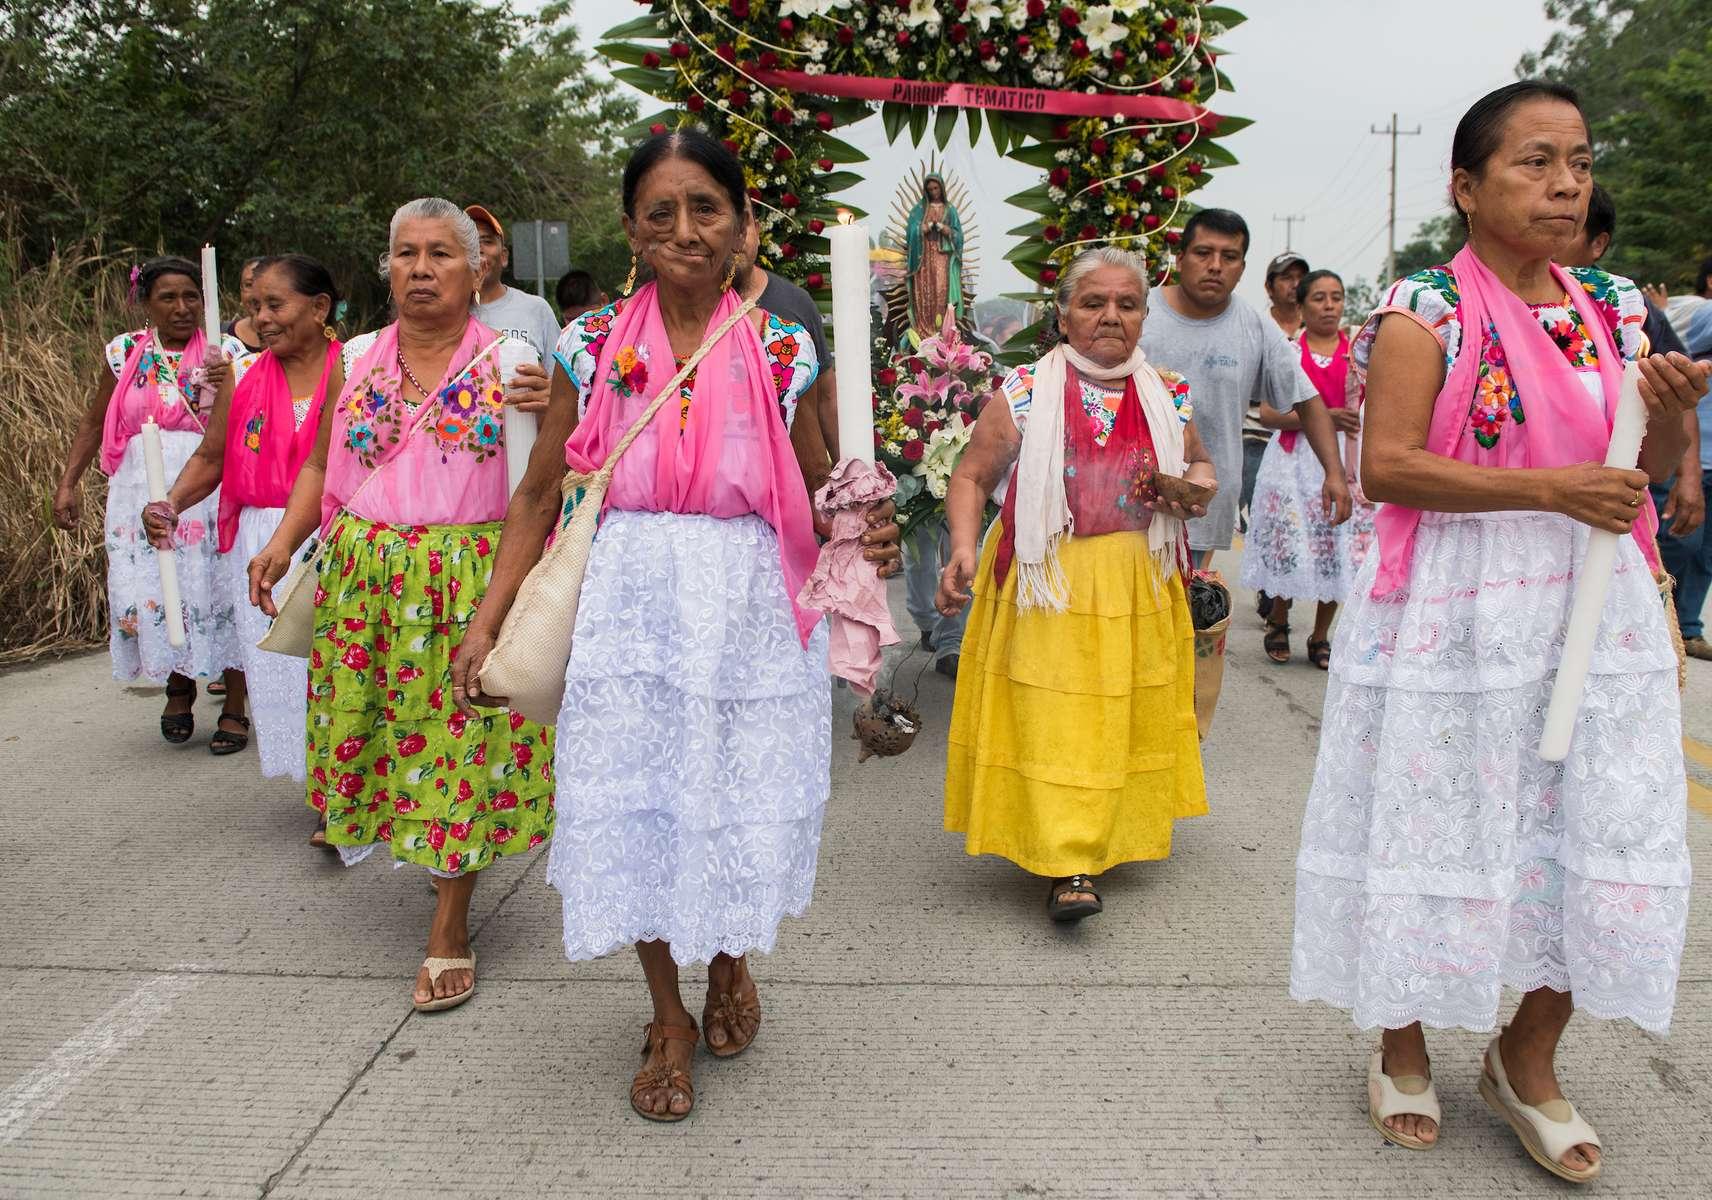 Totonac religious procession in honor of the Virgen de Guadalupe. El Tajin, Veracruz, Mexico